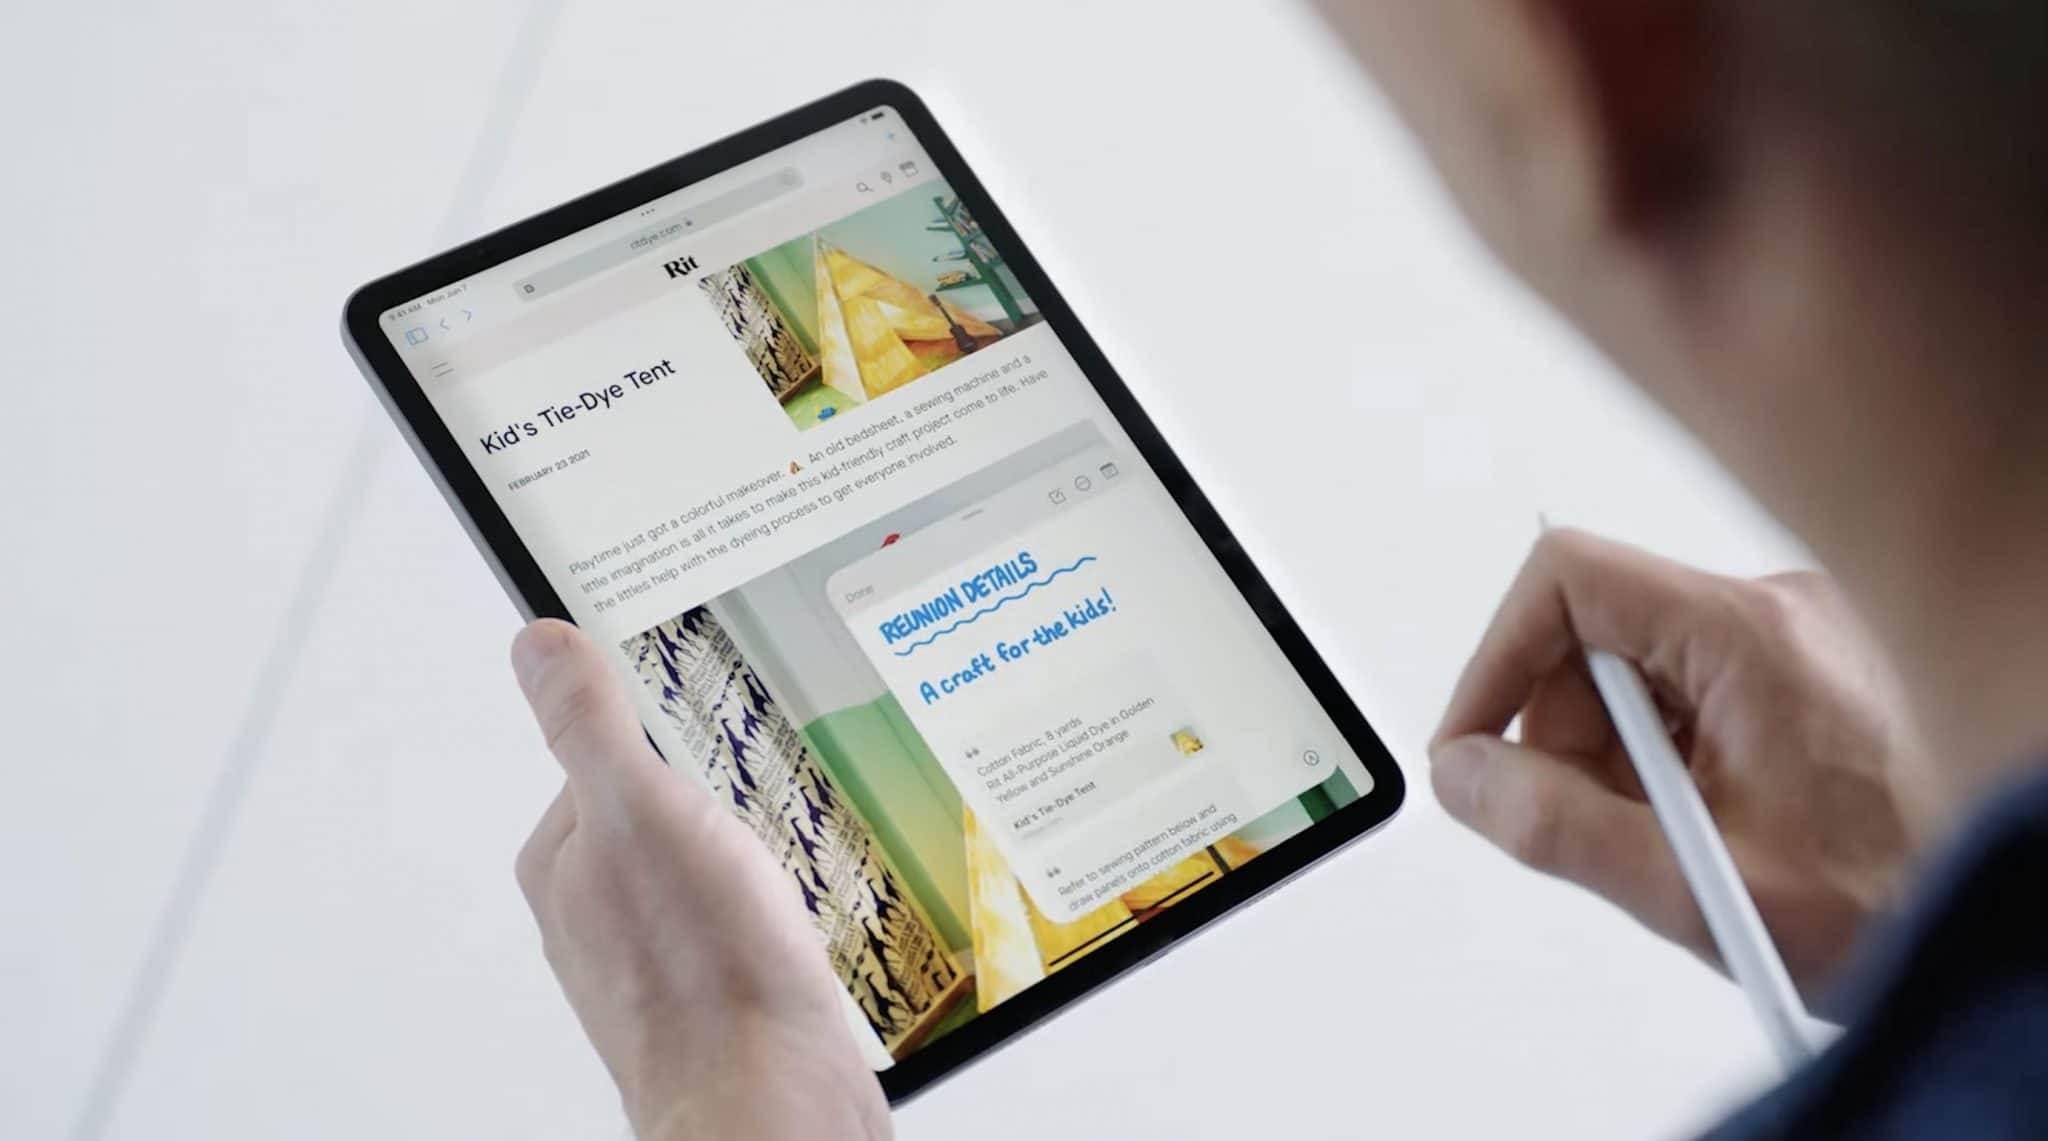 iPadOS 15 oficjalnie zaprezentowany. Przegląd nowości polecane, ciekawostki zmiany, Nowości, iPadOS 15 oficjalnie, iPadOS 15, co nowego w ipadOS 15  Dziś oprócz iOS 15, Apple zaprezentowało światu także iPadOS 15. W tym wpisie znajdziecie listę najważniejszych zmian i nowości jakie pojawiły się w najnowszej wersji iPadOS. iPadOS15 4